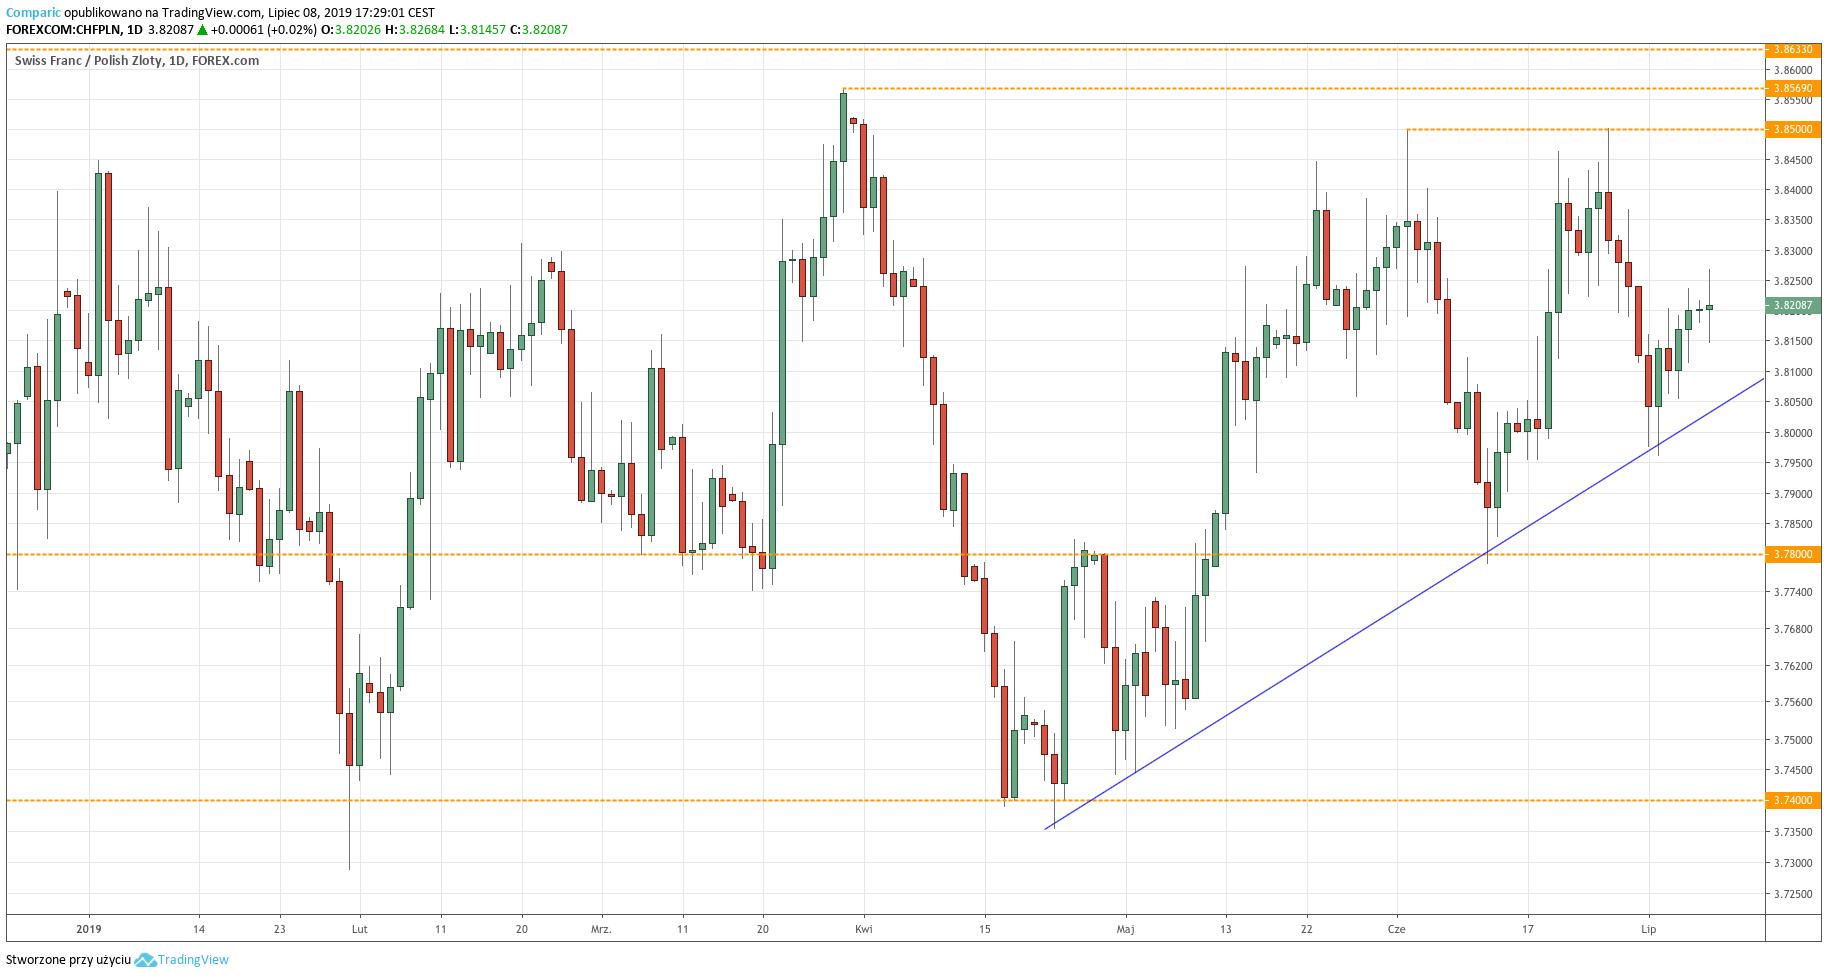 Kurs franka do złotego (CHF/PLN) - wykres dzienny - 8 lipca 2019